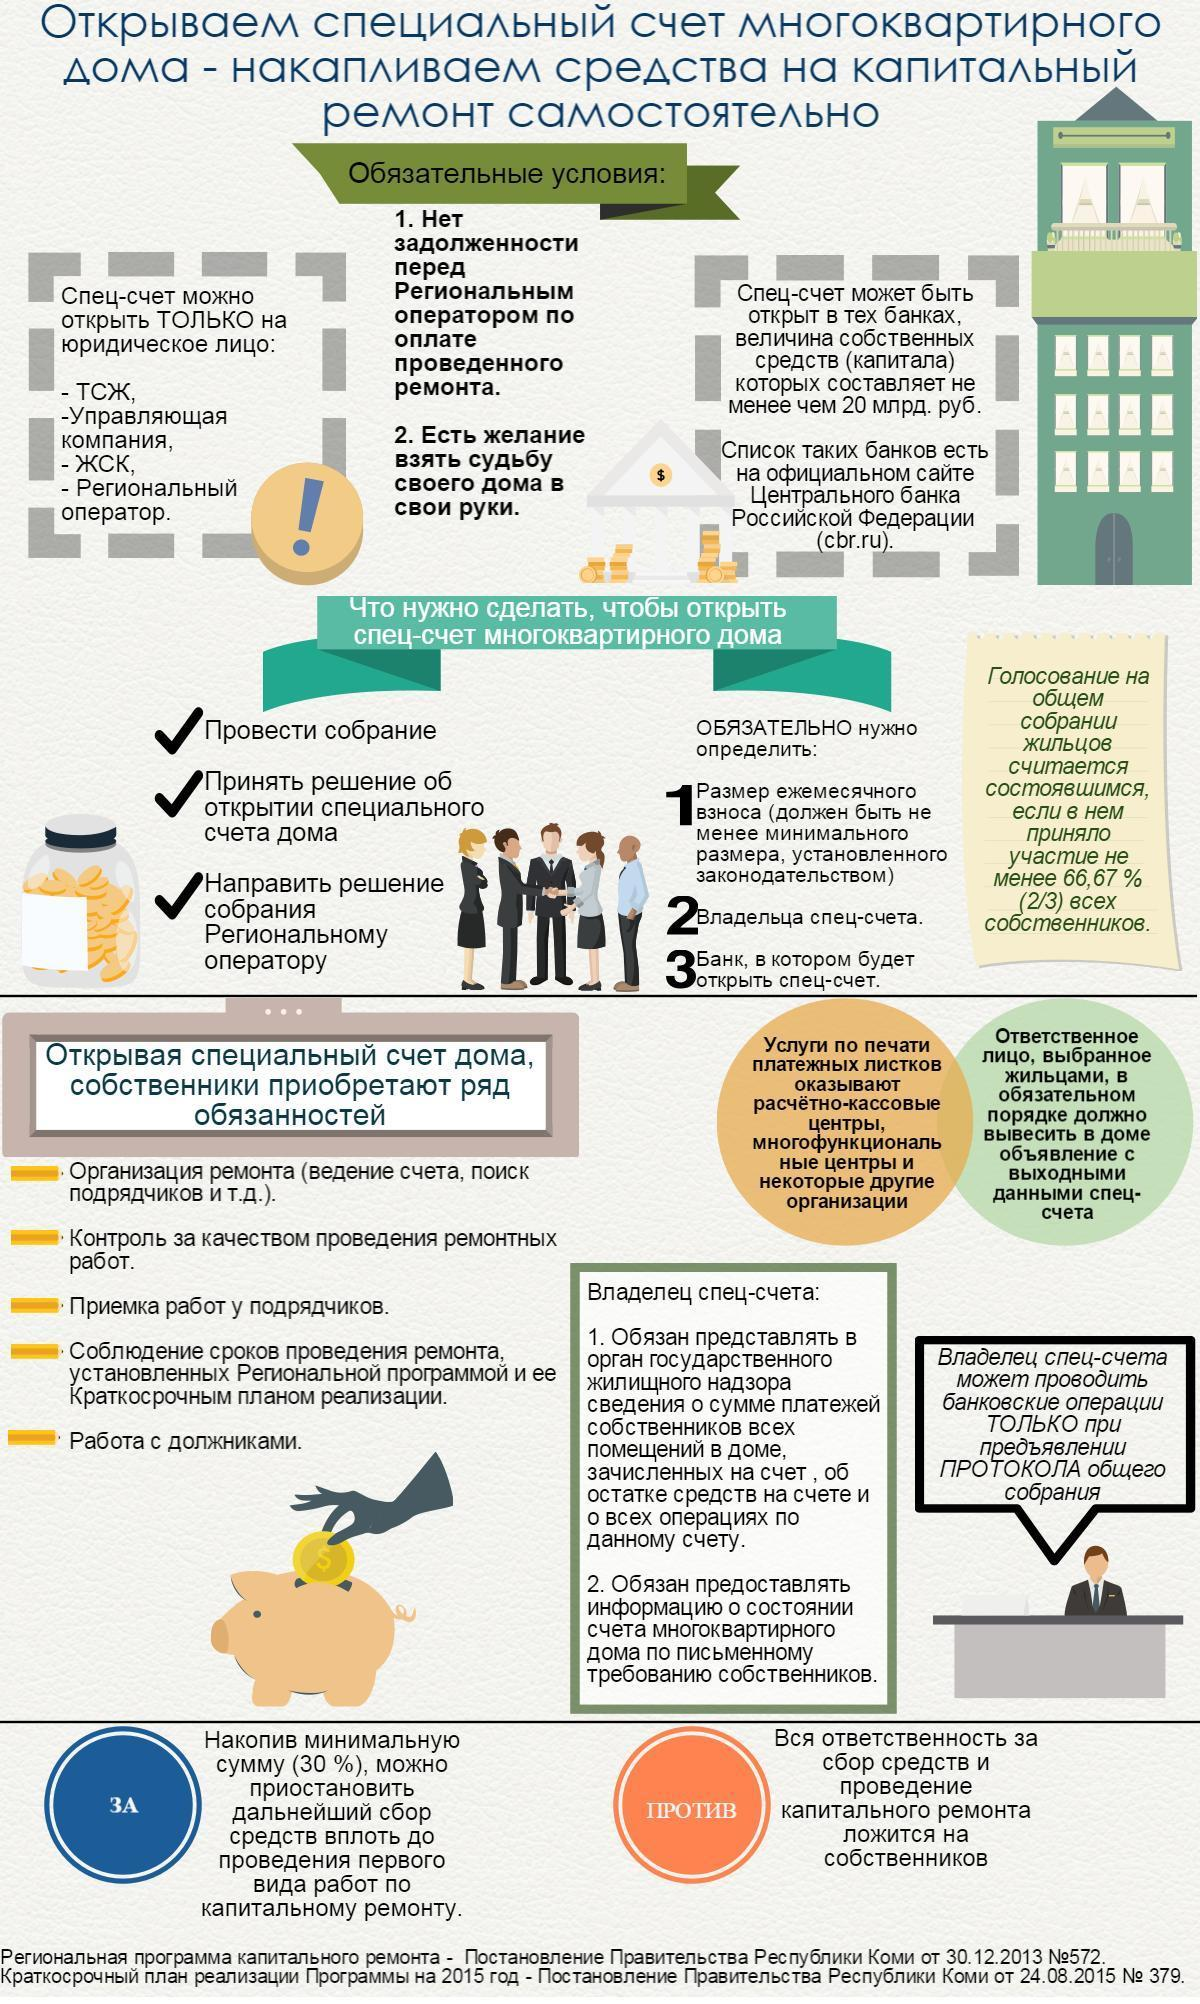 Инфографика_Открываем спец-счет мкд__.jpeg